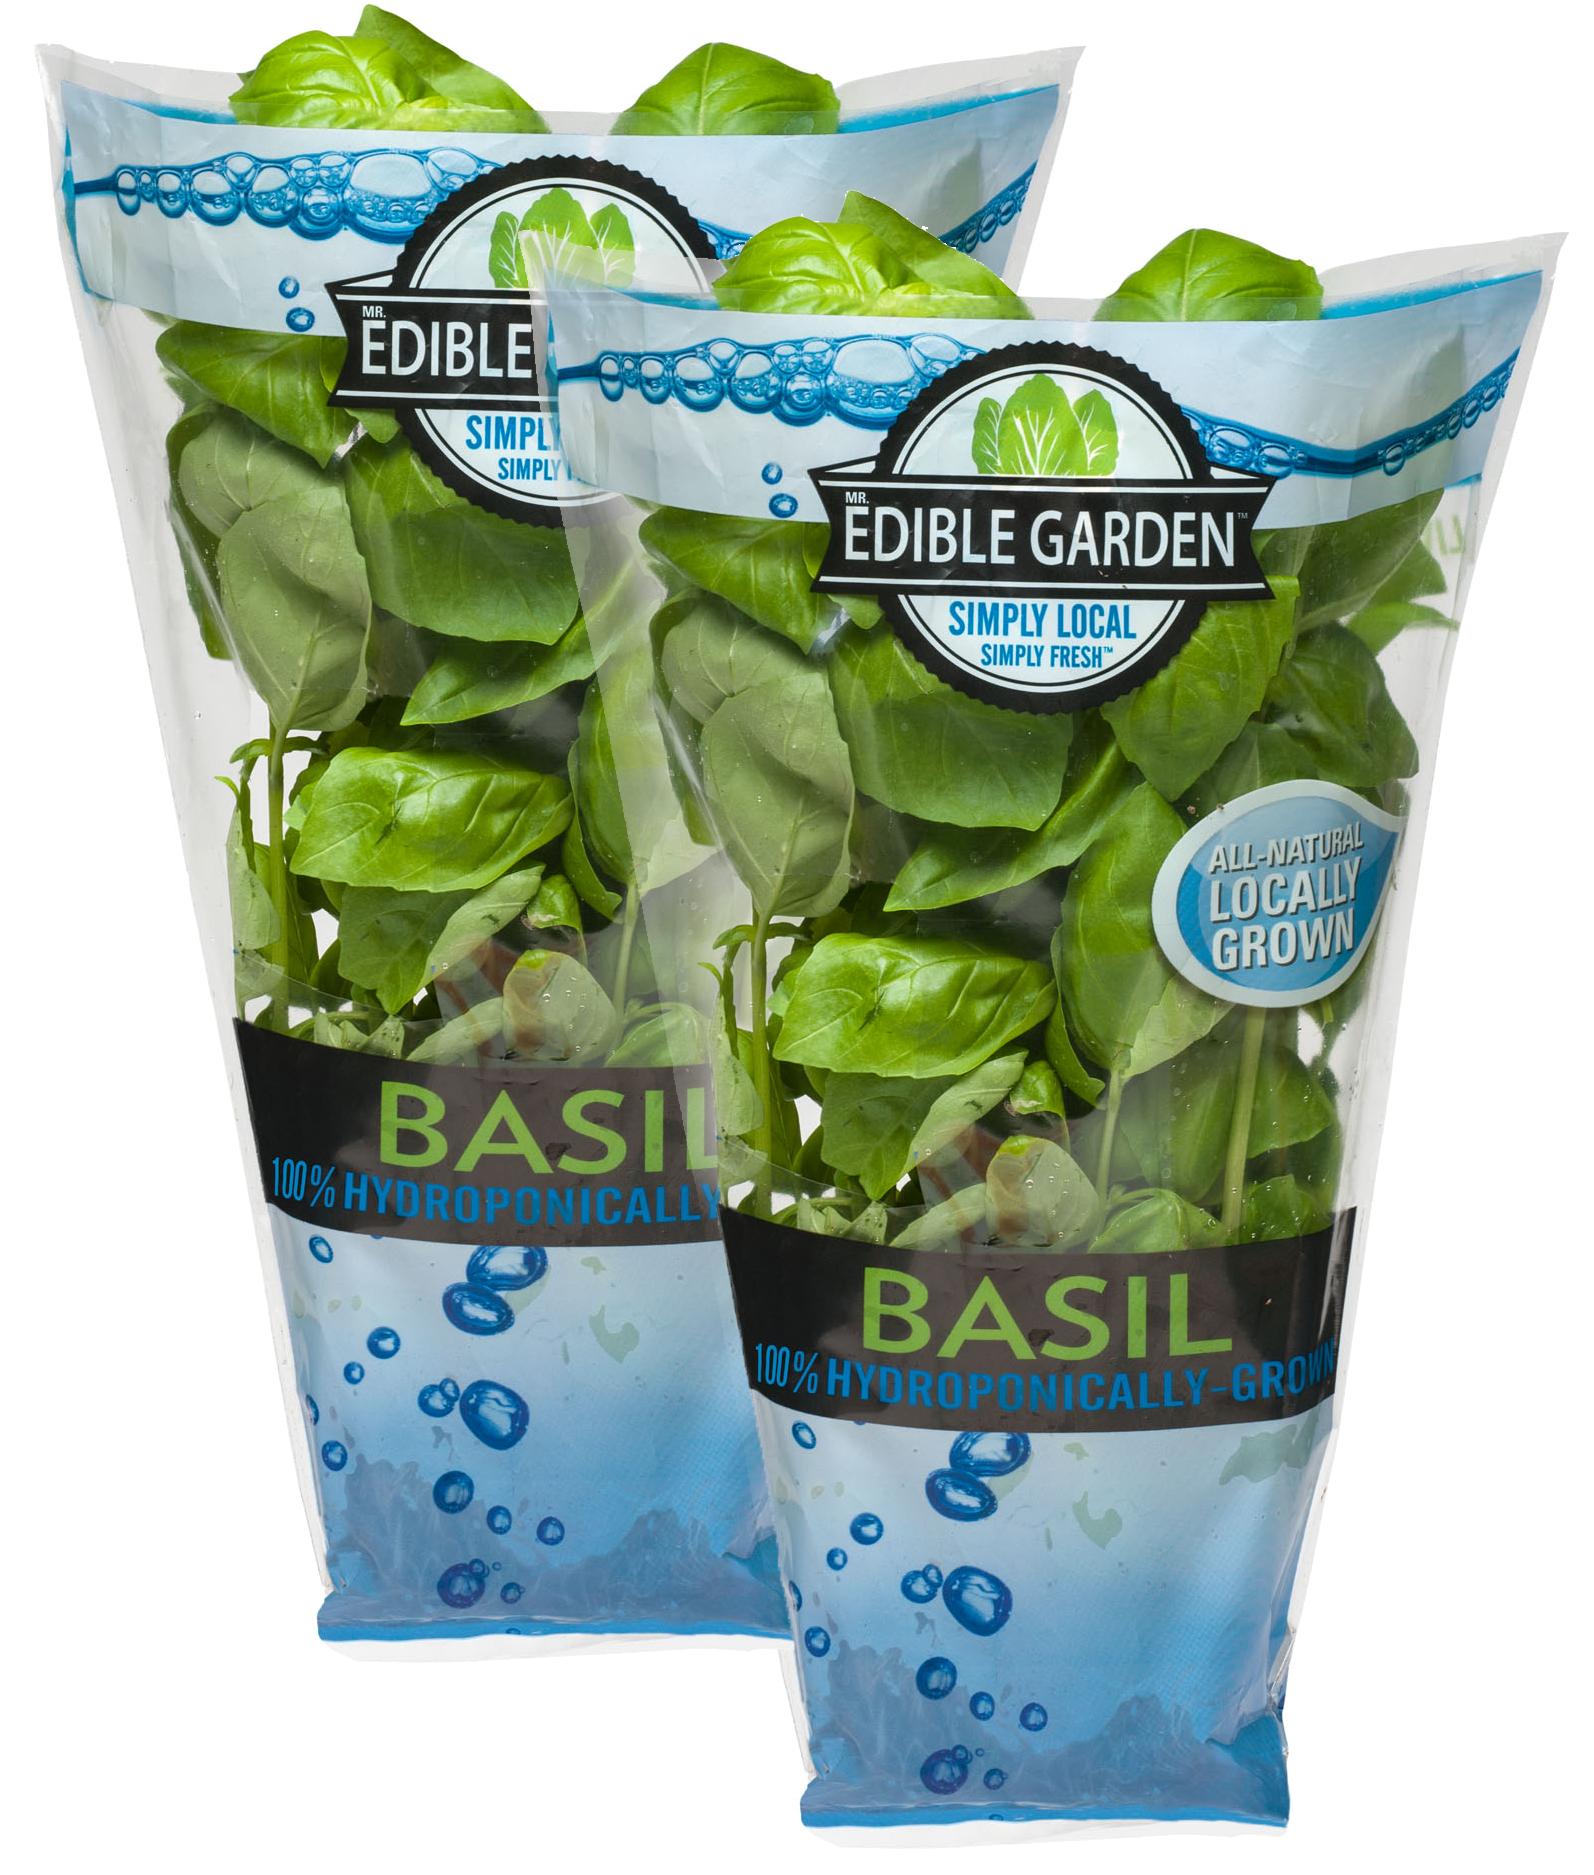 Living Basil